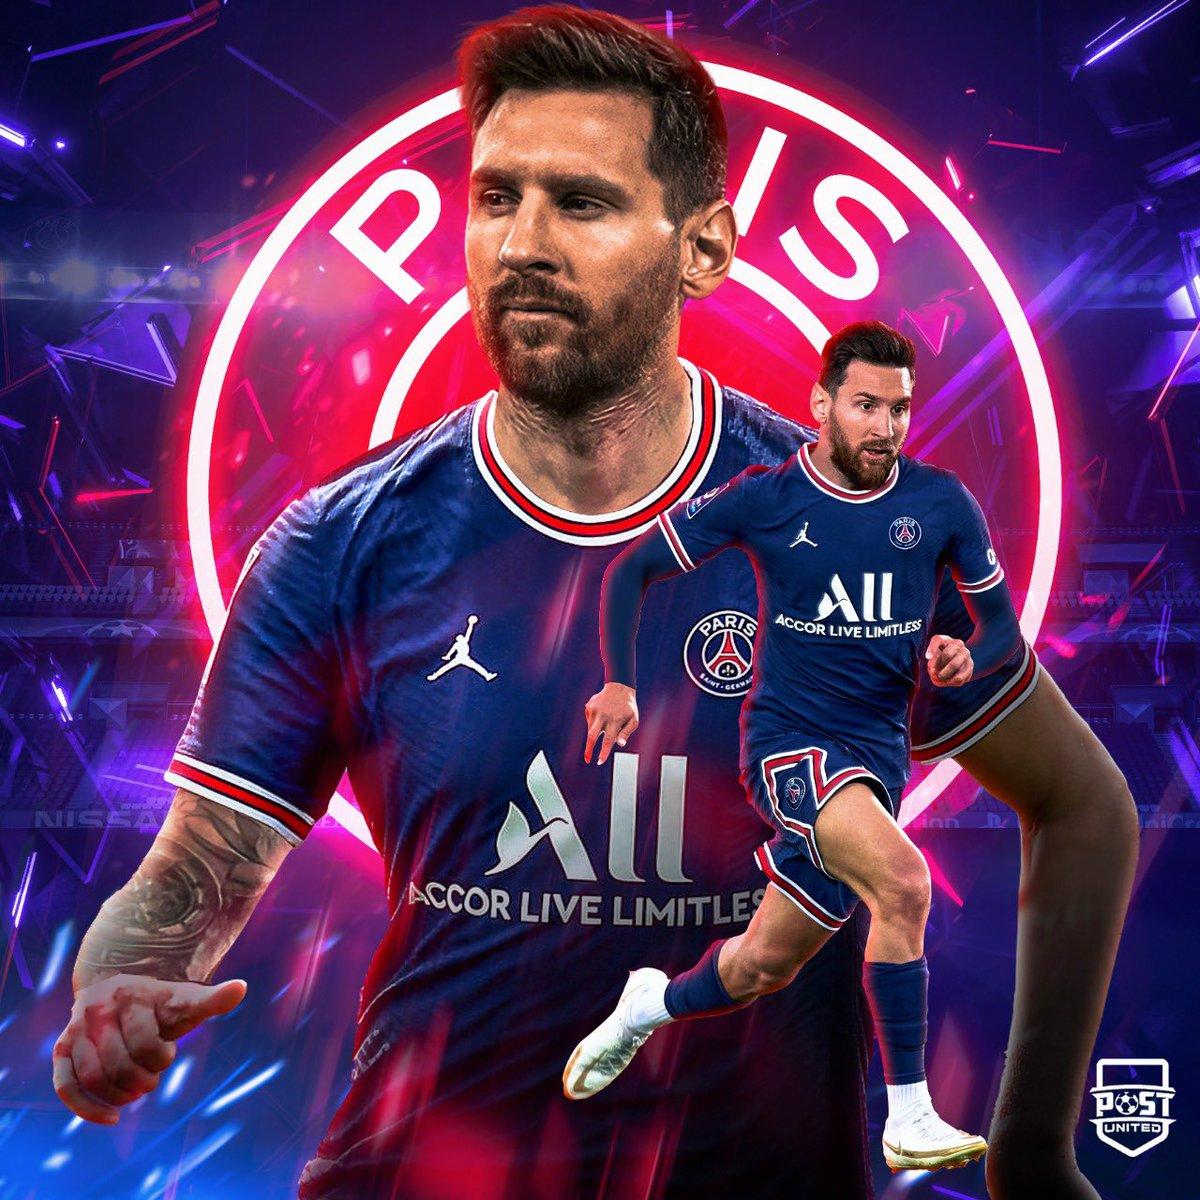 Fondos de pantalla de Messi PSG